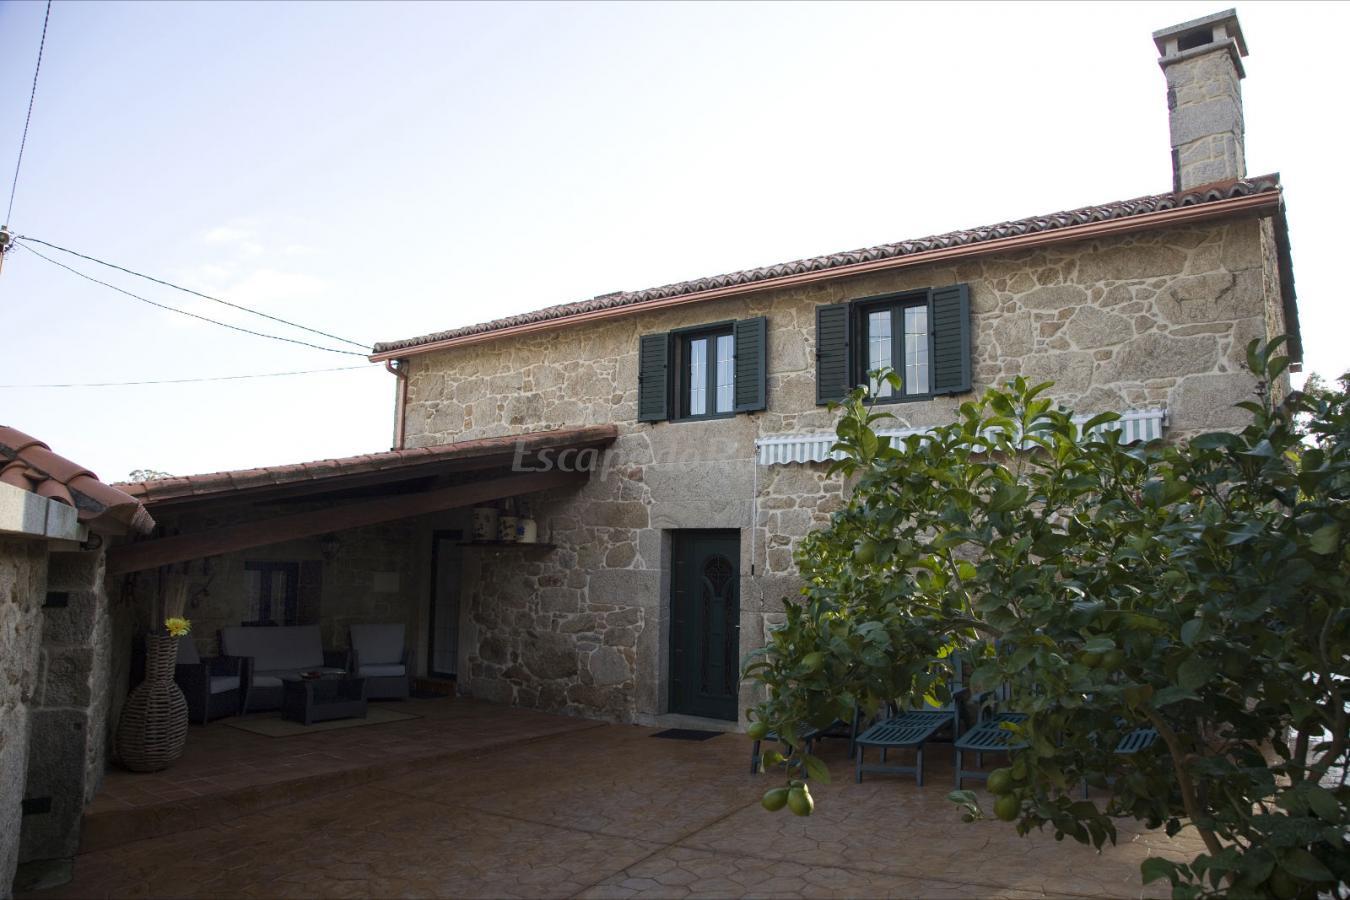 Fotos de casa da braga a casa de campo emcuntis pontevedra - Casas de campo en galicia ...